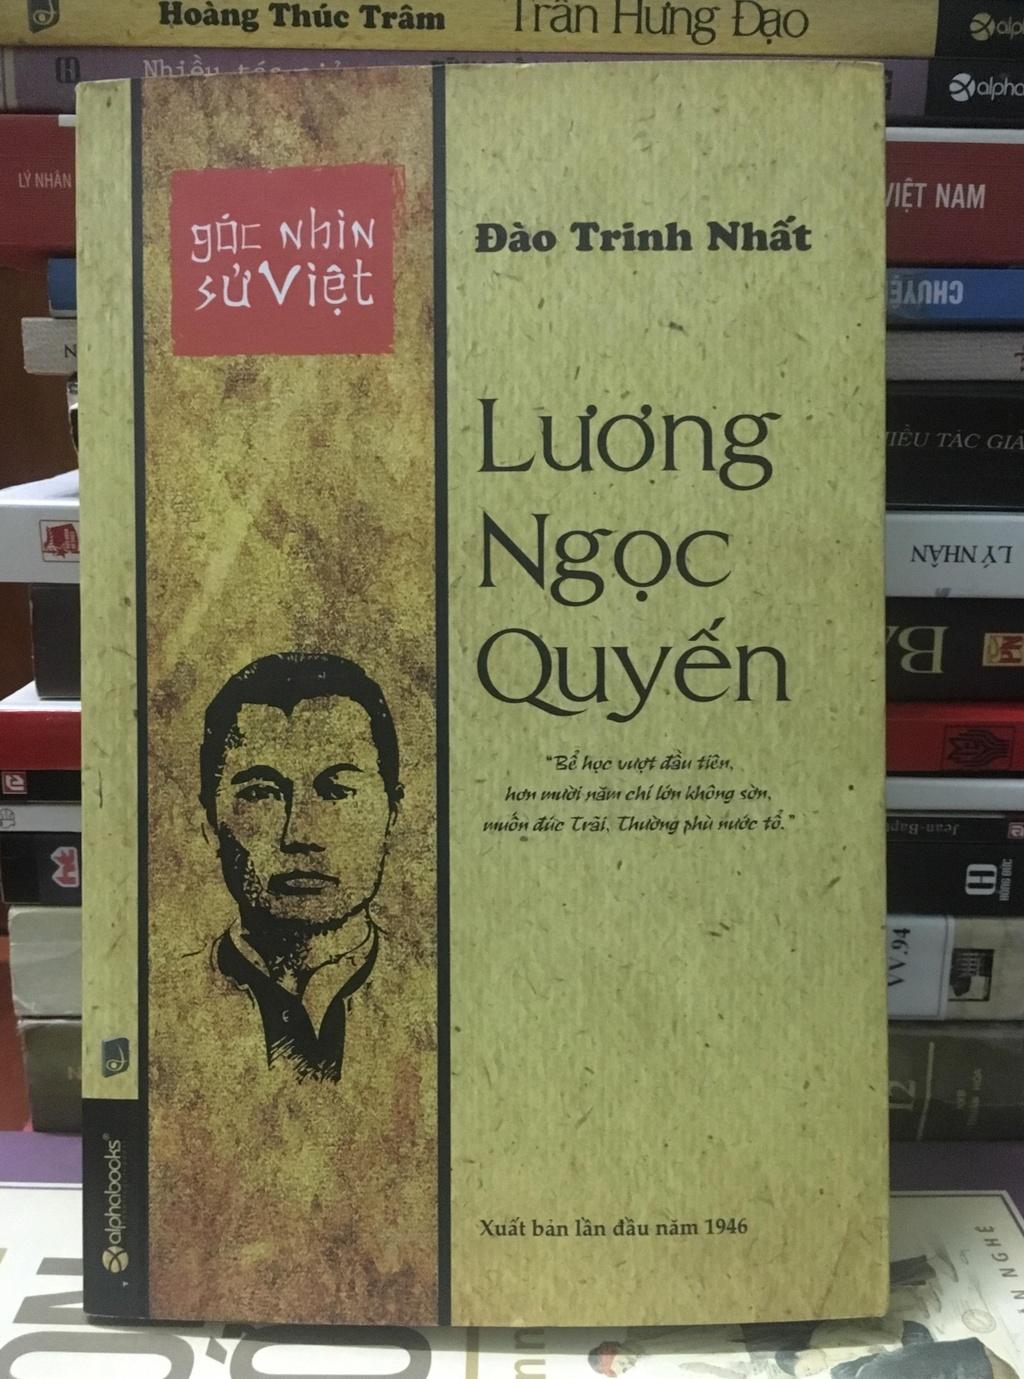 Co gai bi an lam noi ung cho Doi Can va Luong Ngoc Quyen hinh anh 1